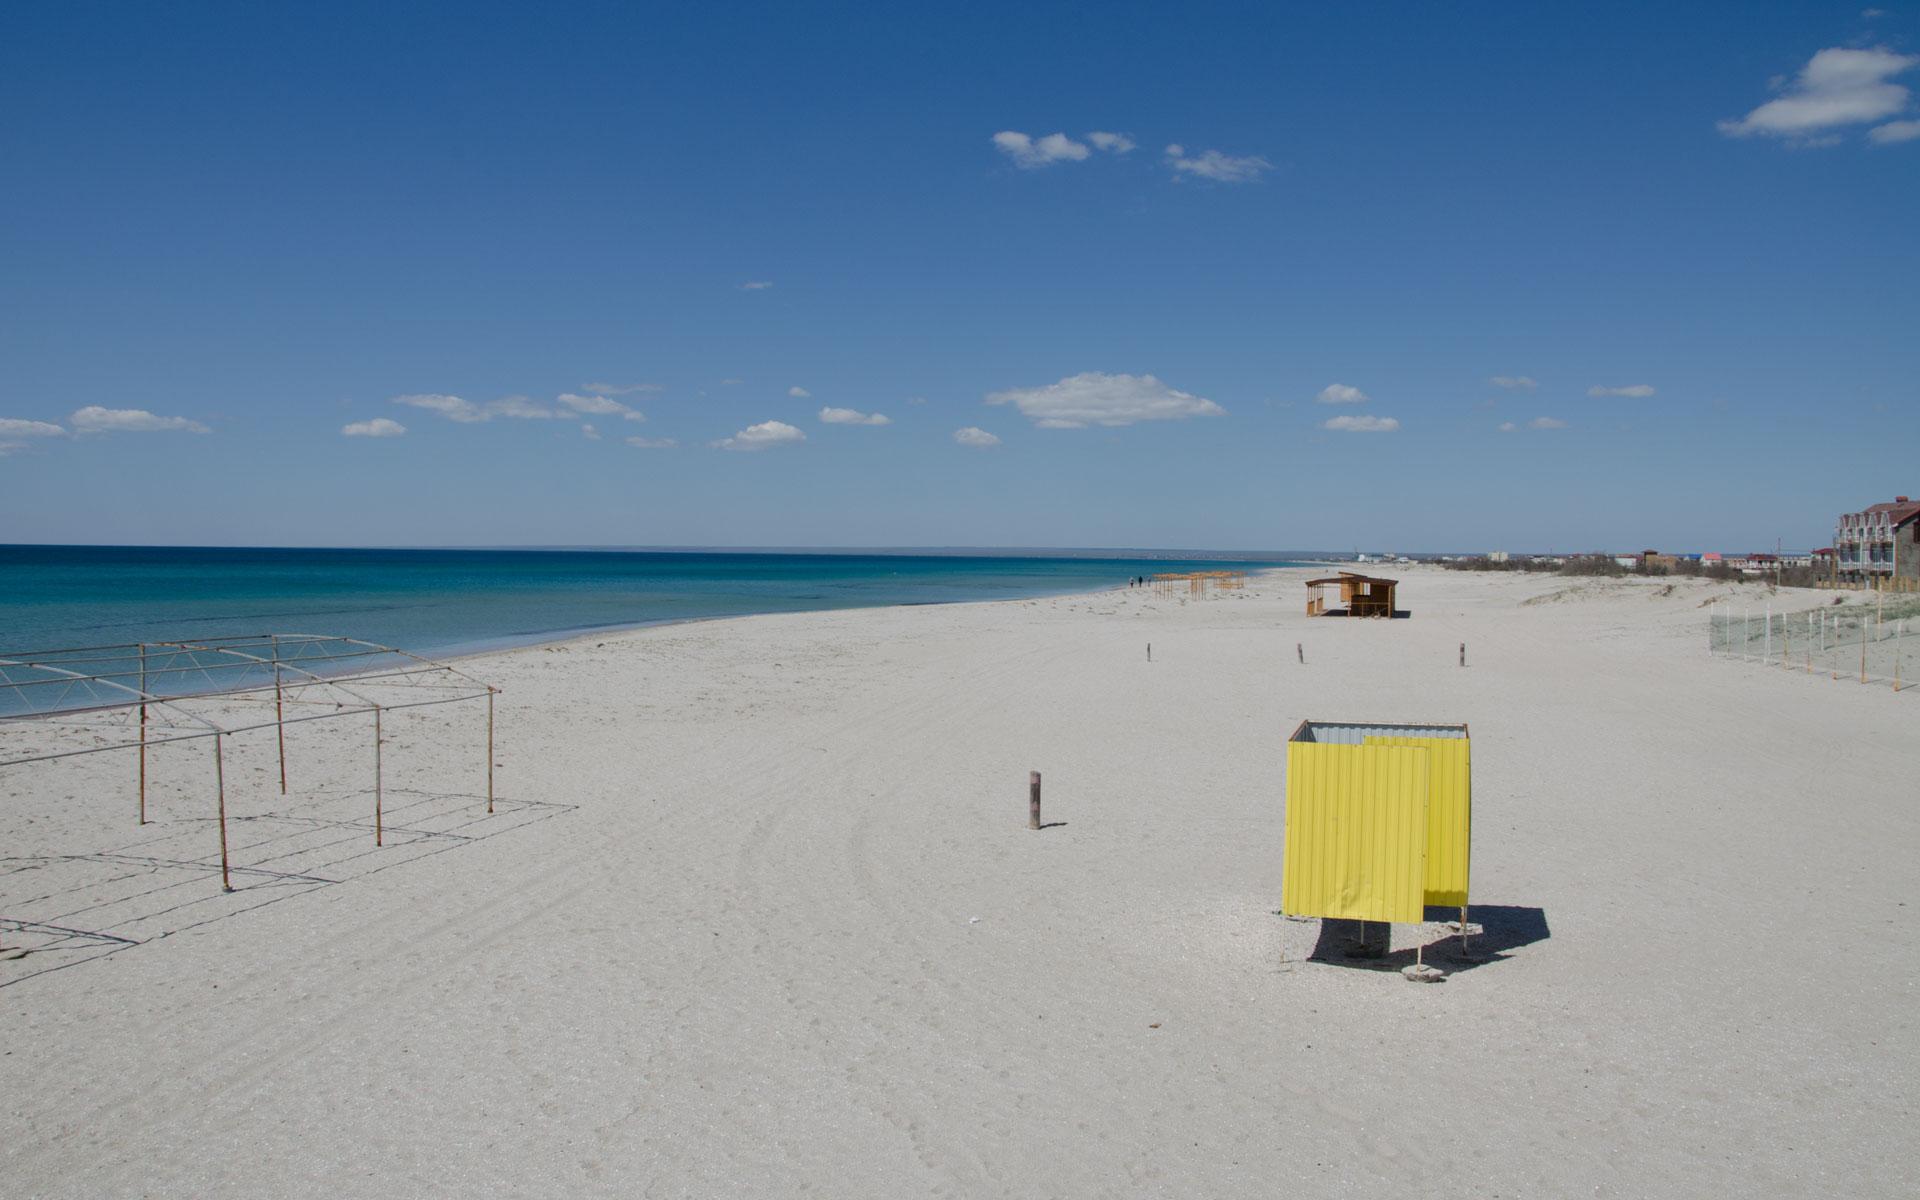 Пустой пляж в межсезонье. Фото Поповки